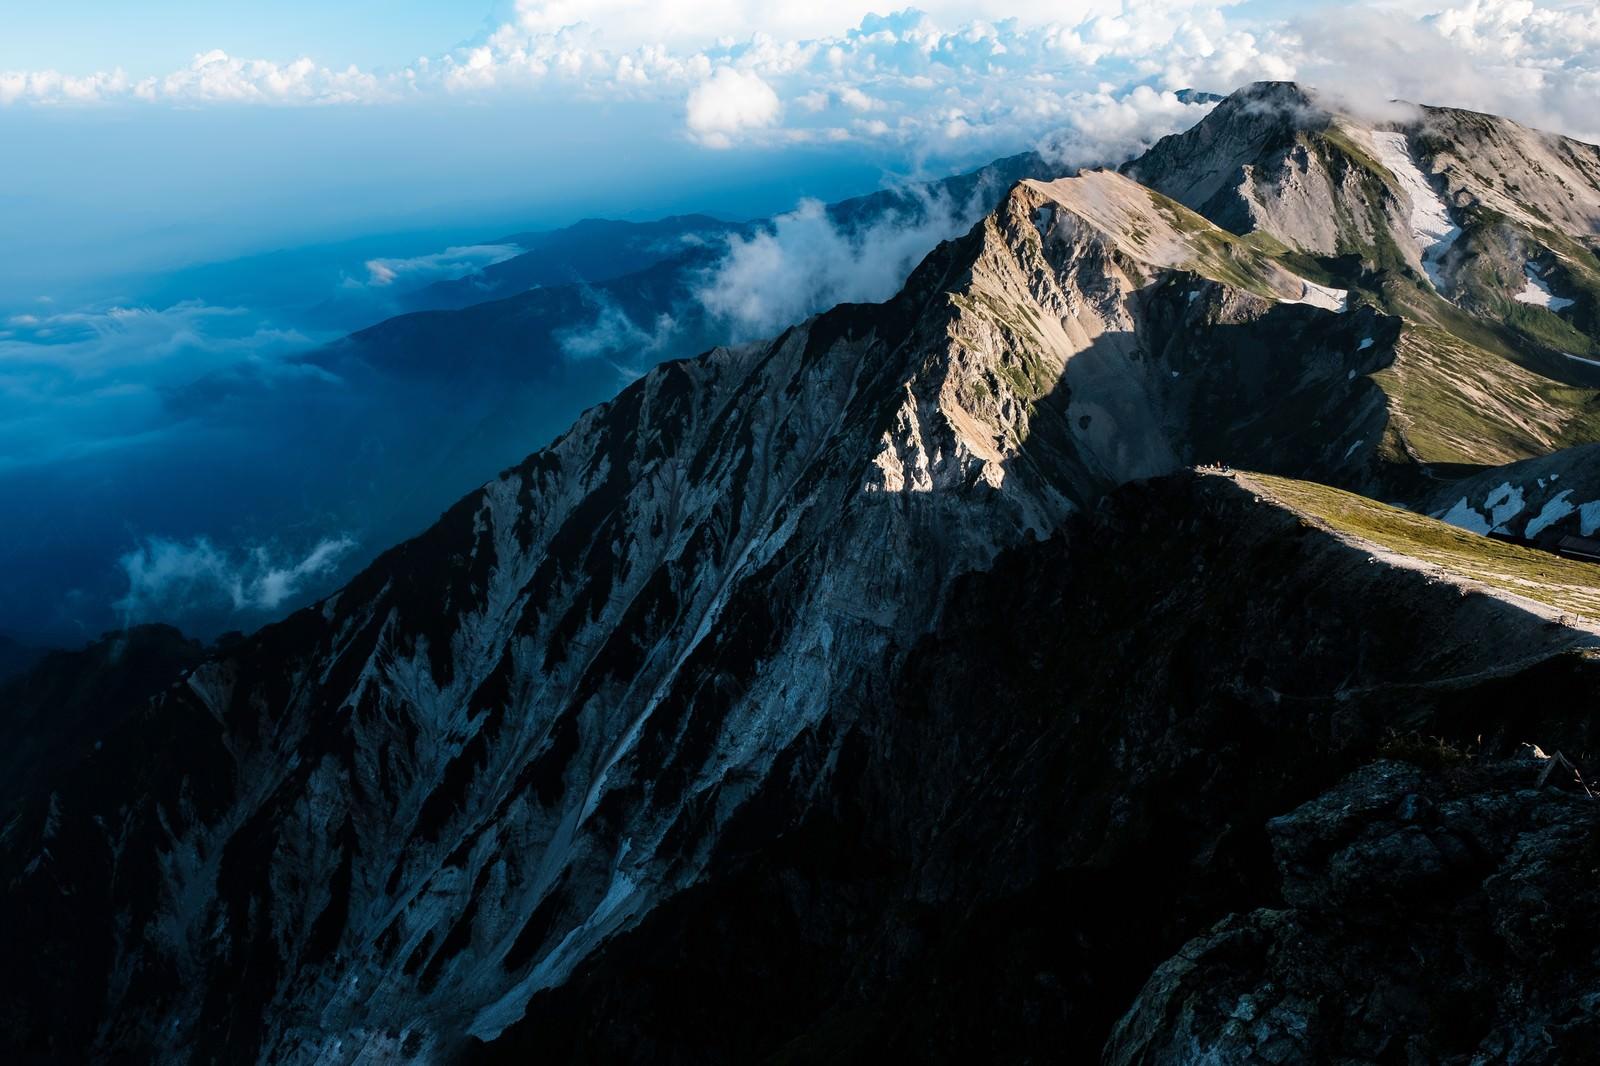 「夕日が当たらない杓子岳の切り立つ山肌」の写真